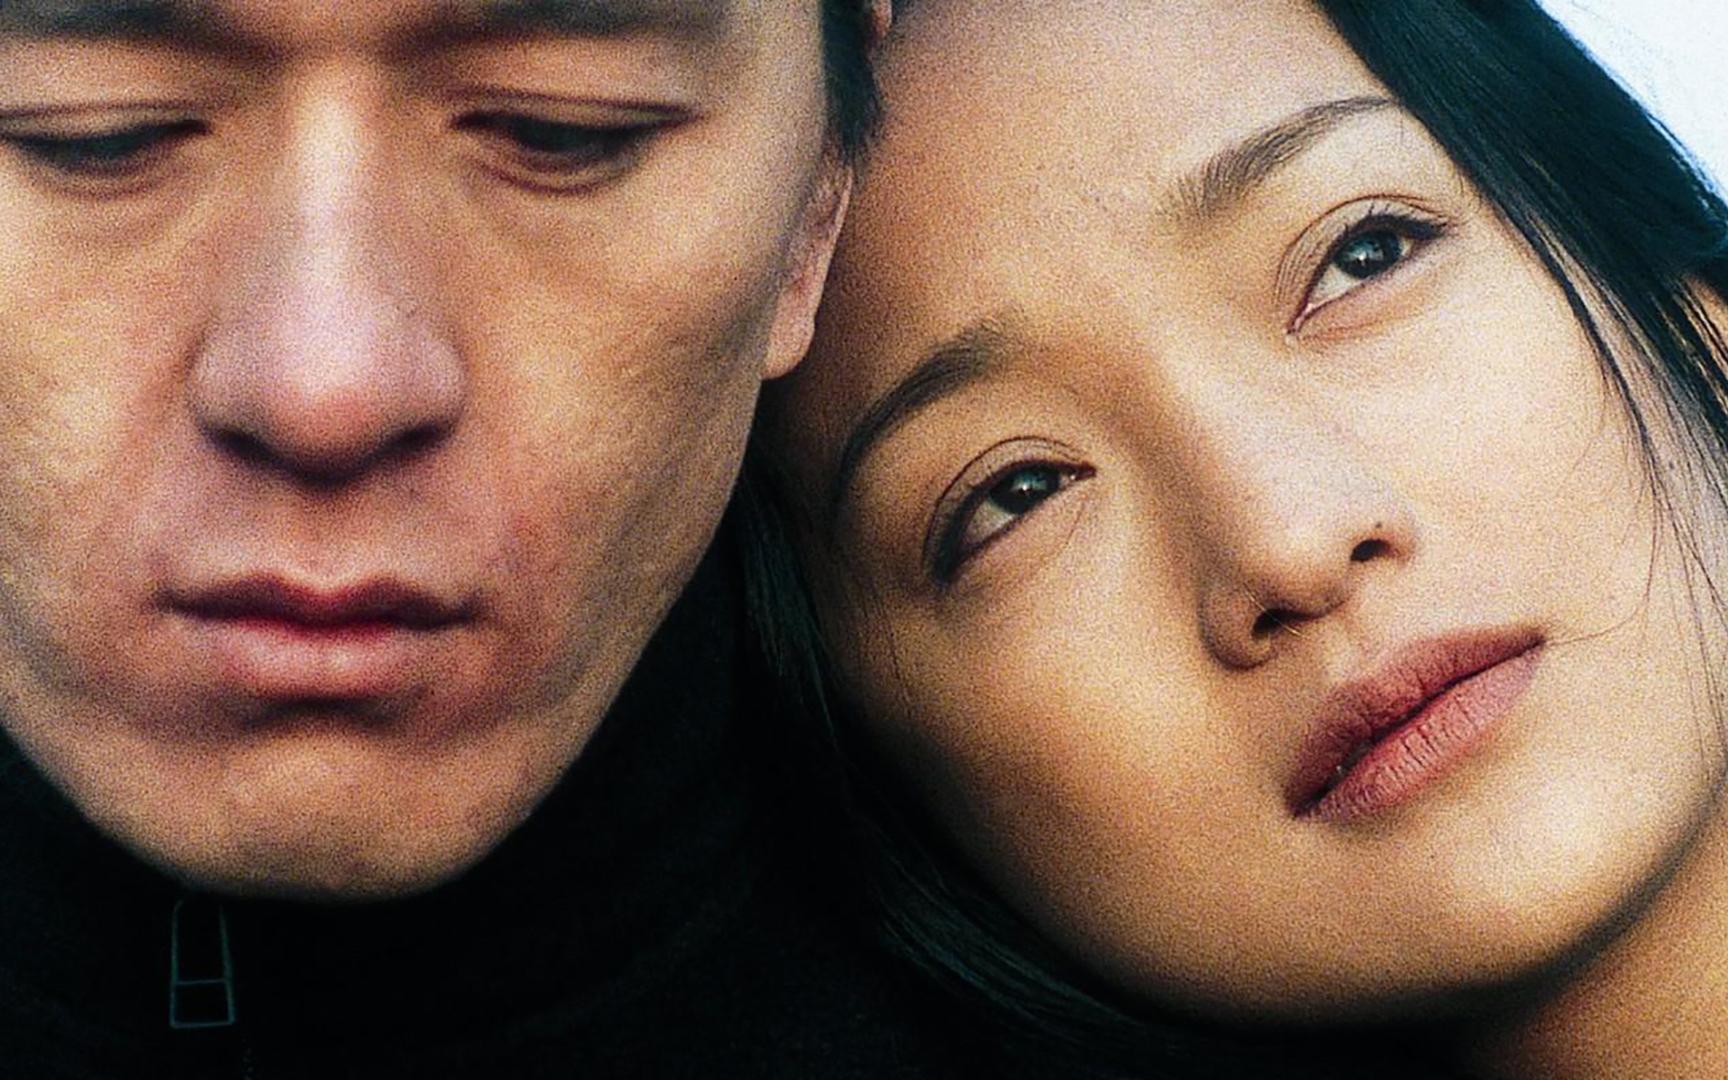 【独家】【何止电影】华语年度十佳!娄烨晃动镜头下的爱情《苏州河》